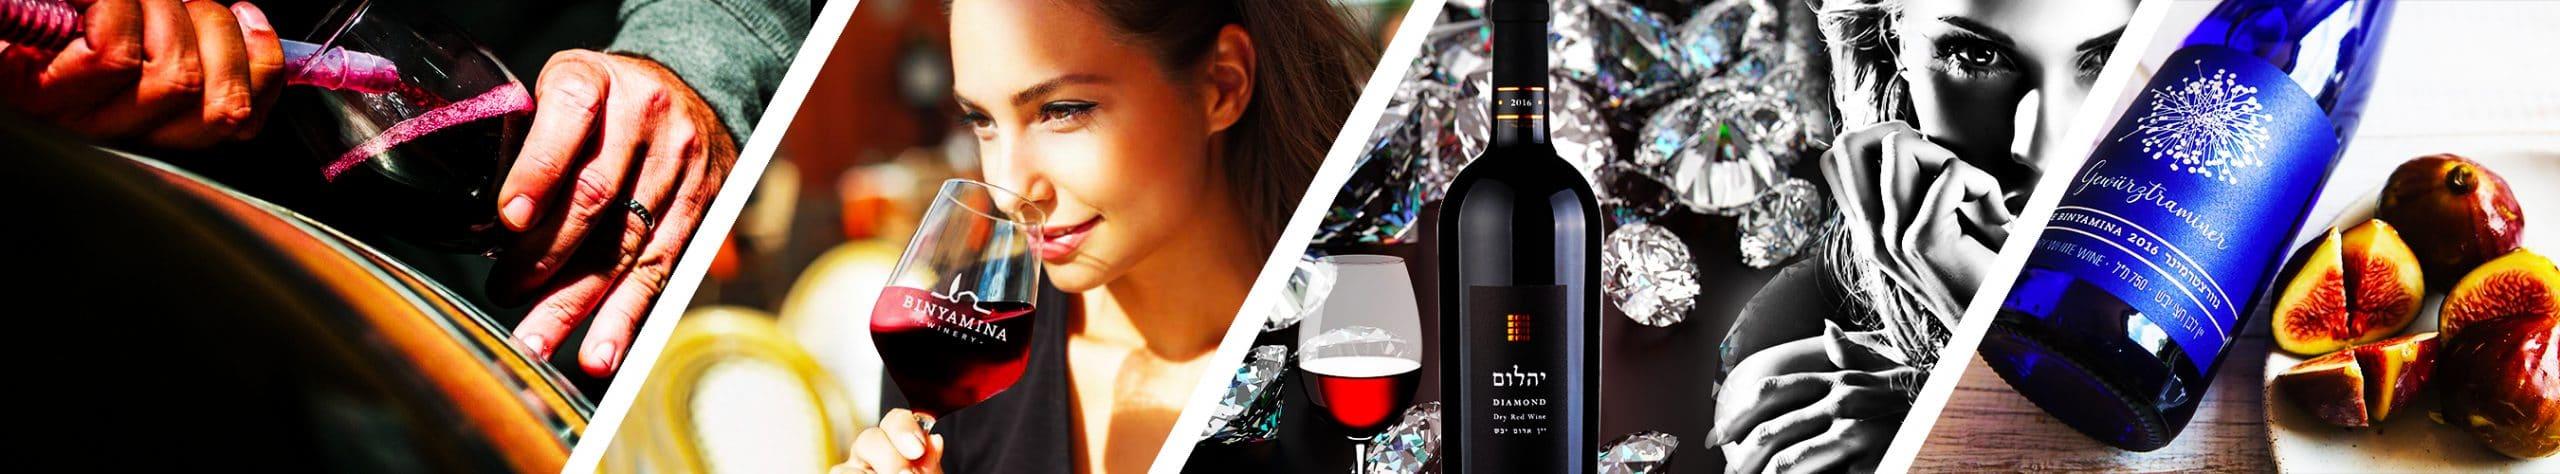 Vino tradizionale